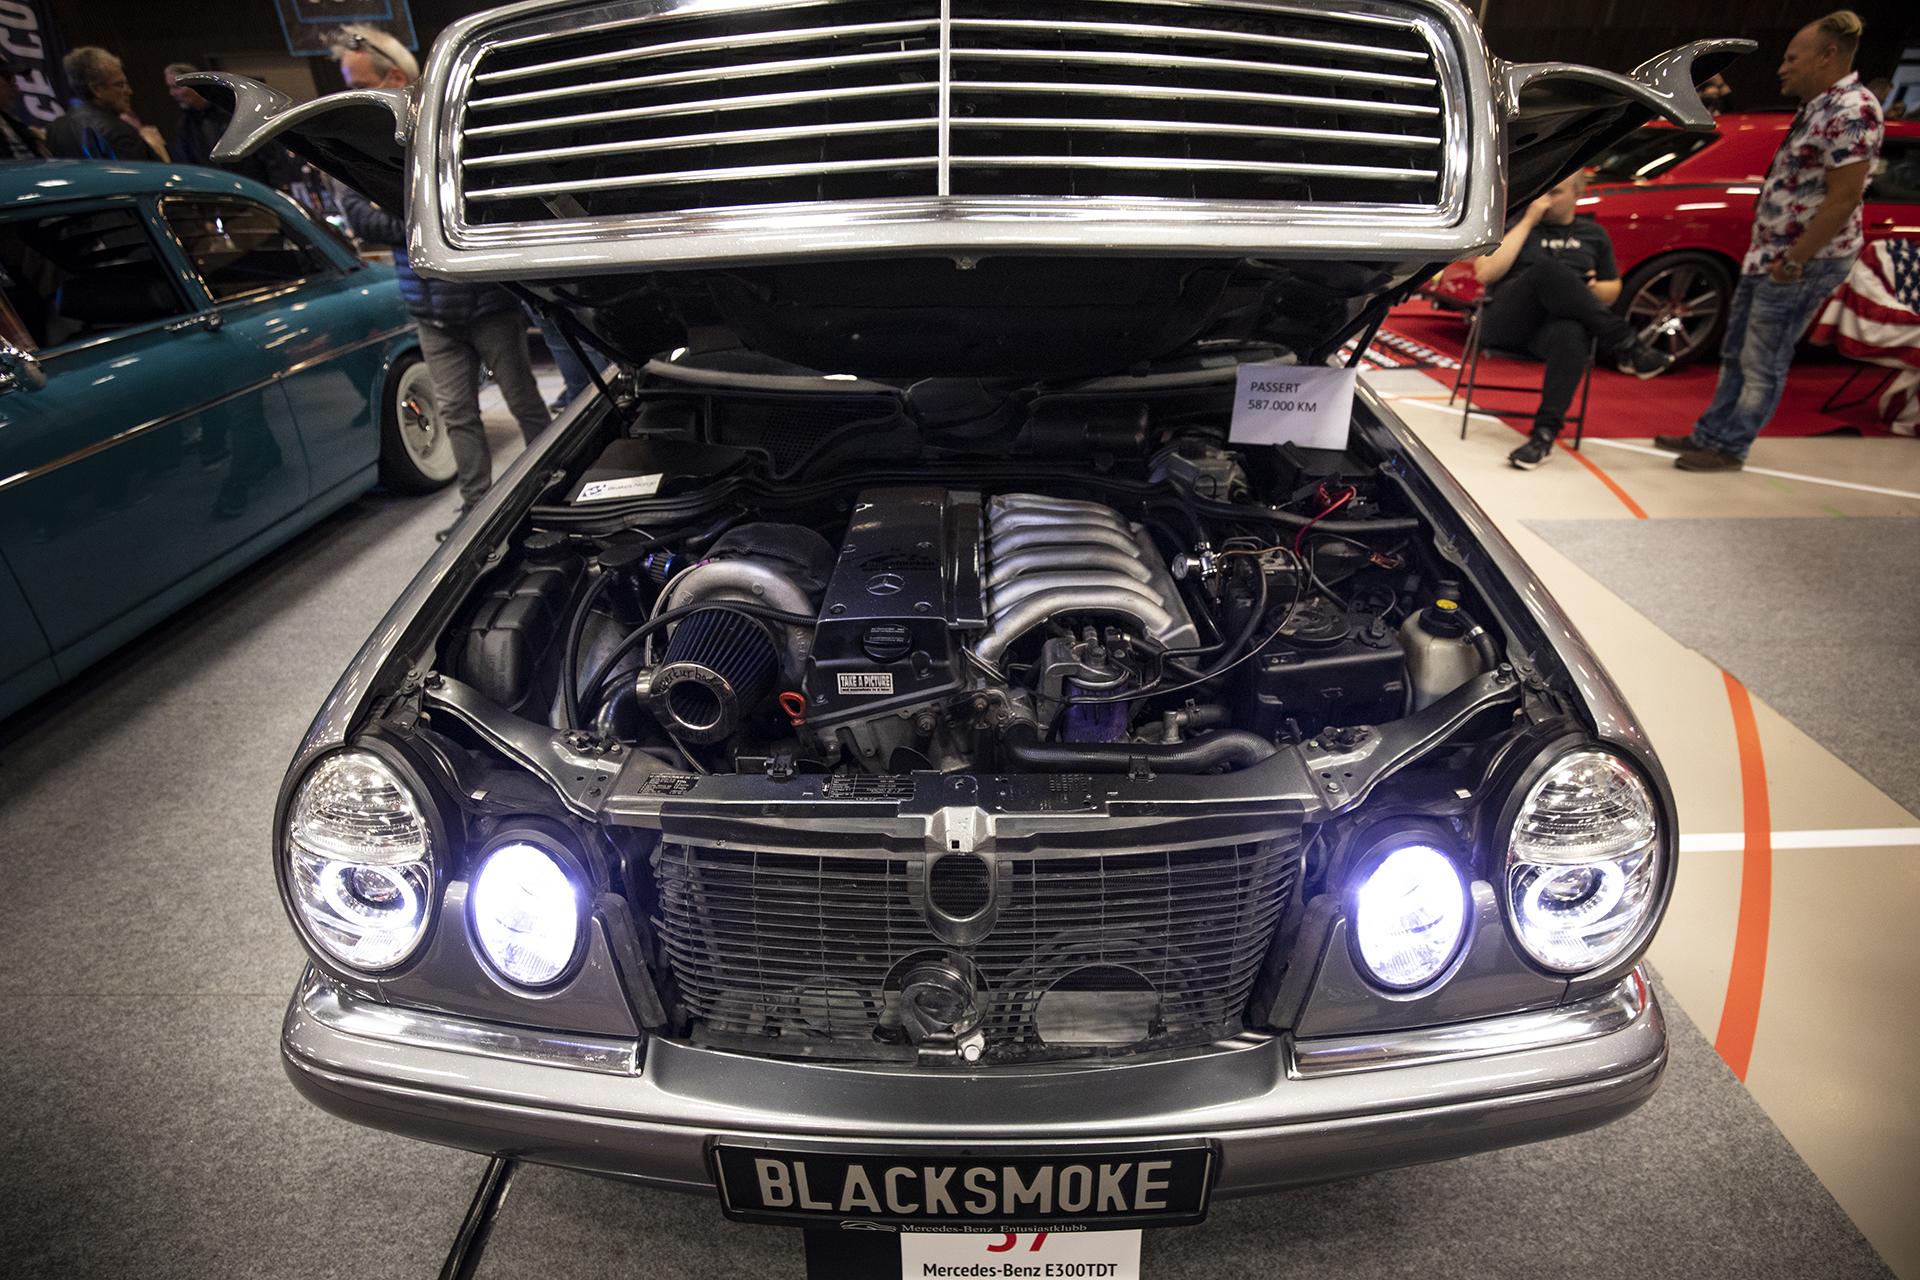 Mercedes-Benz som har passert 587.000 km får også en rettmessig plass på Motorshowet!